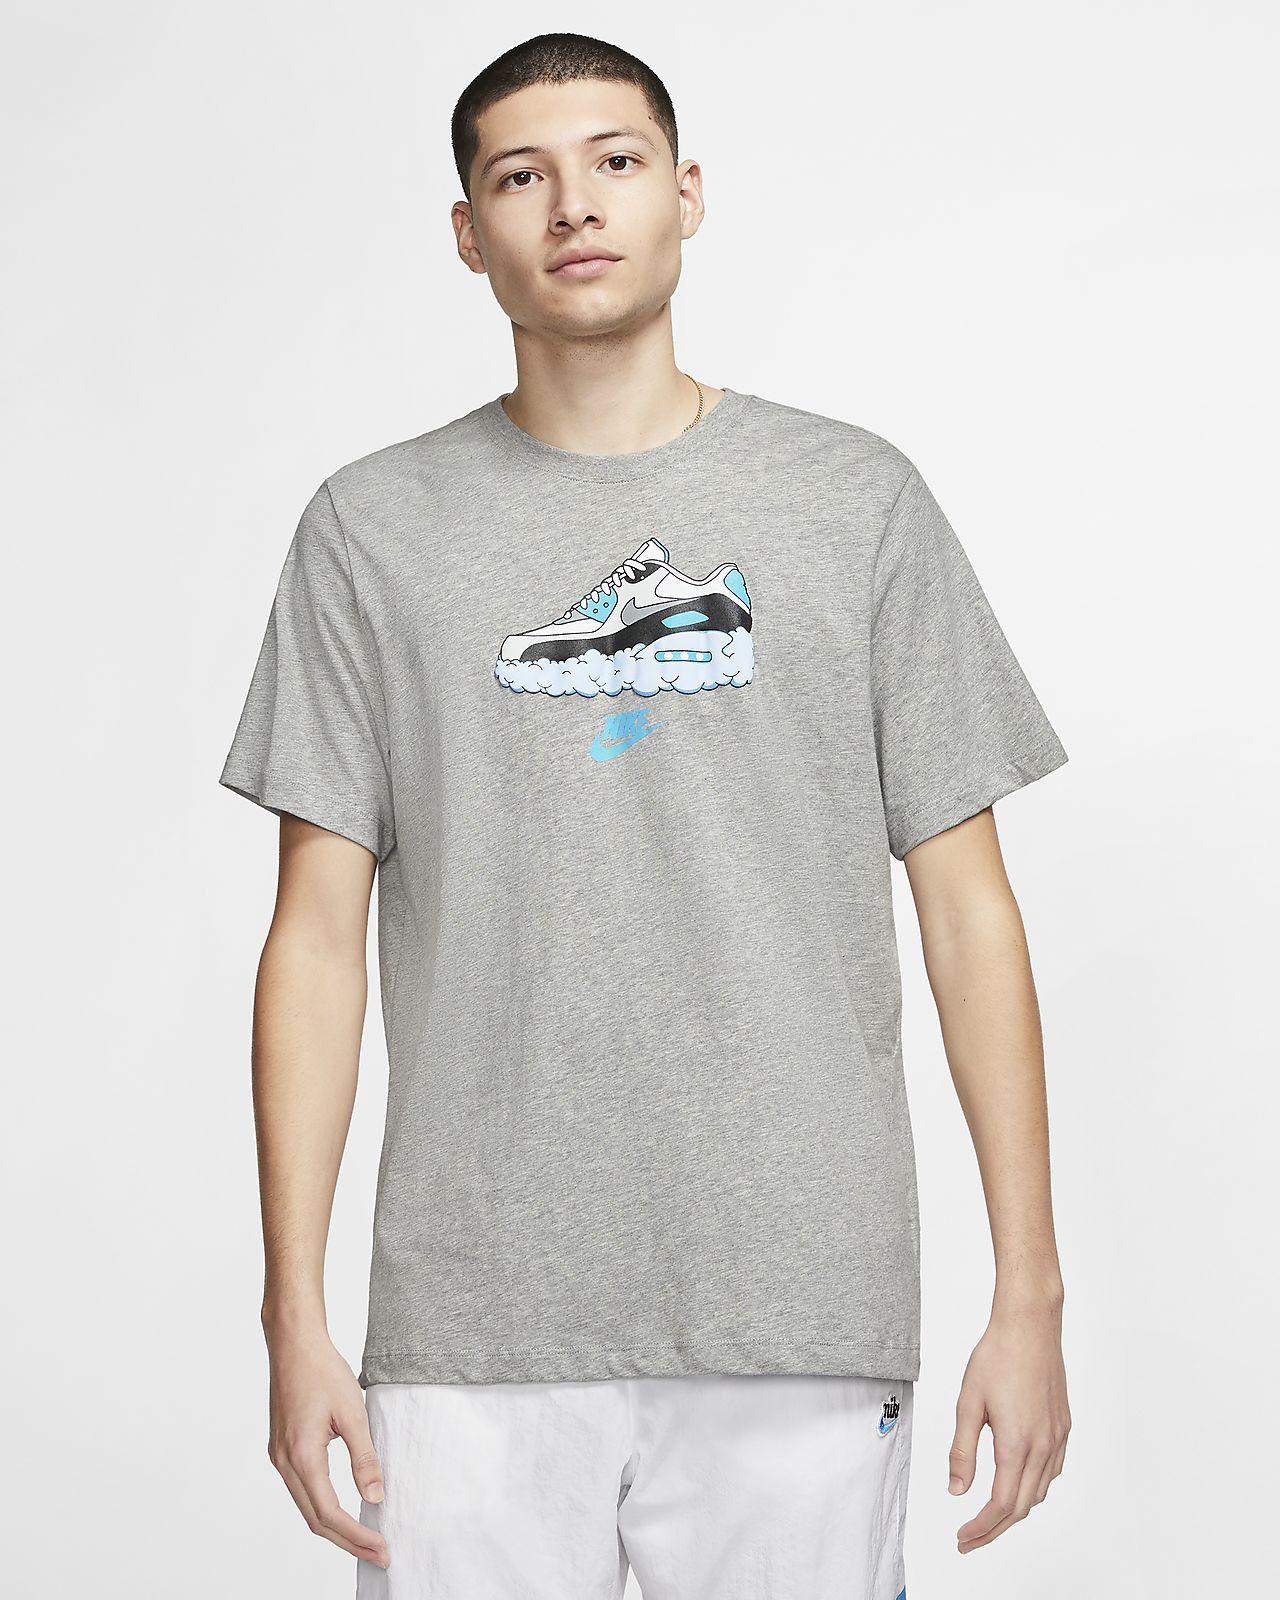 Nike Air Men's Air Max 90 T Shirt